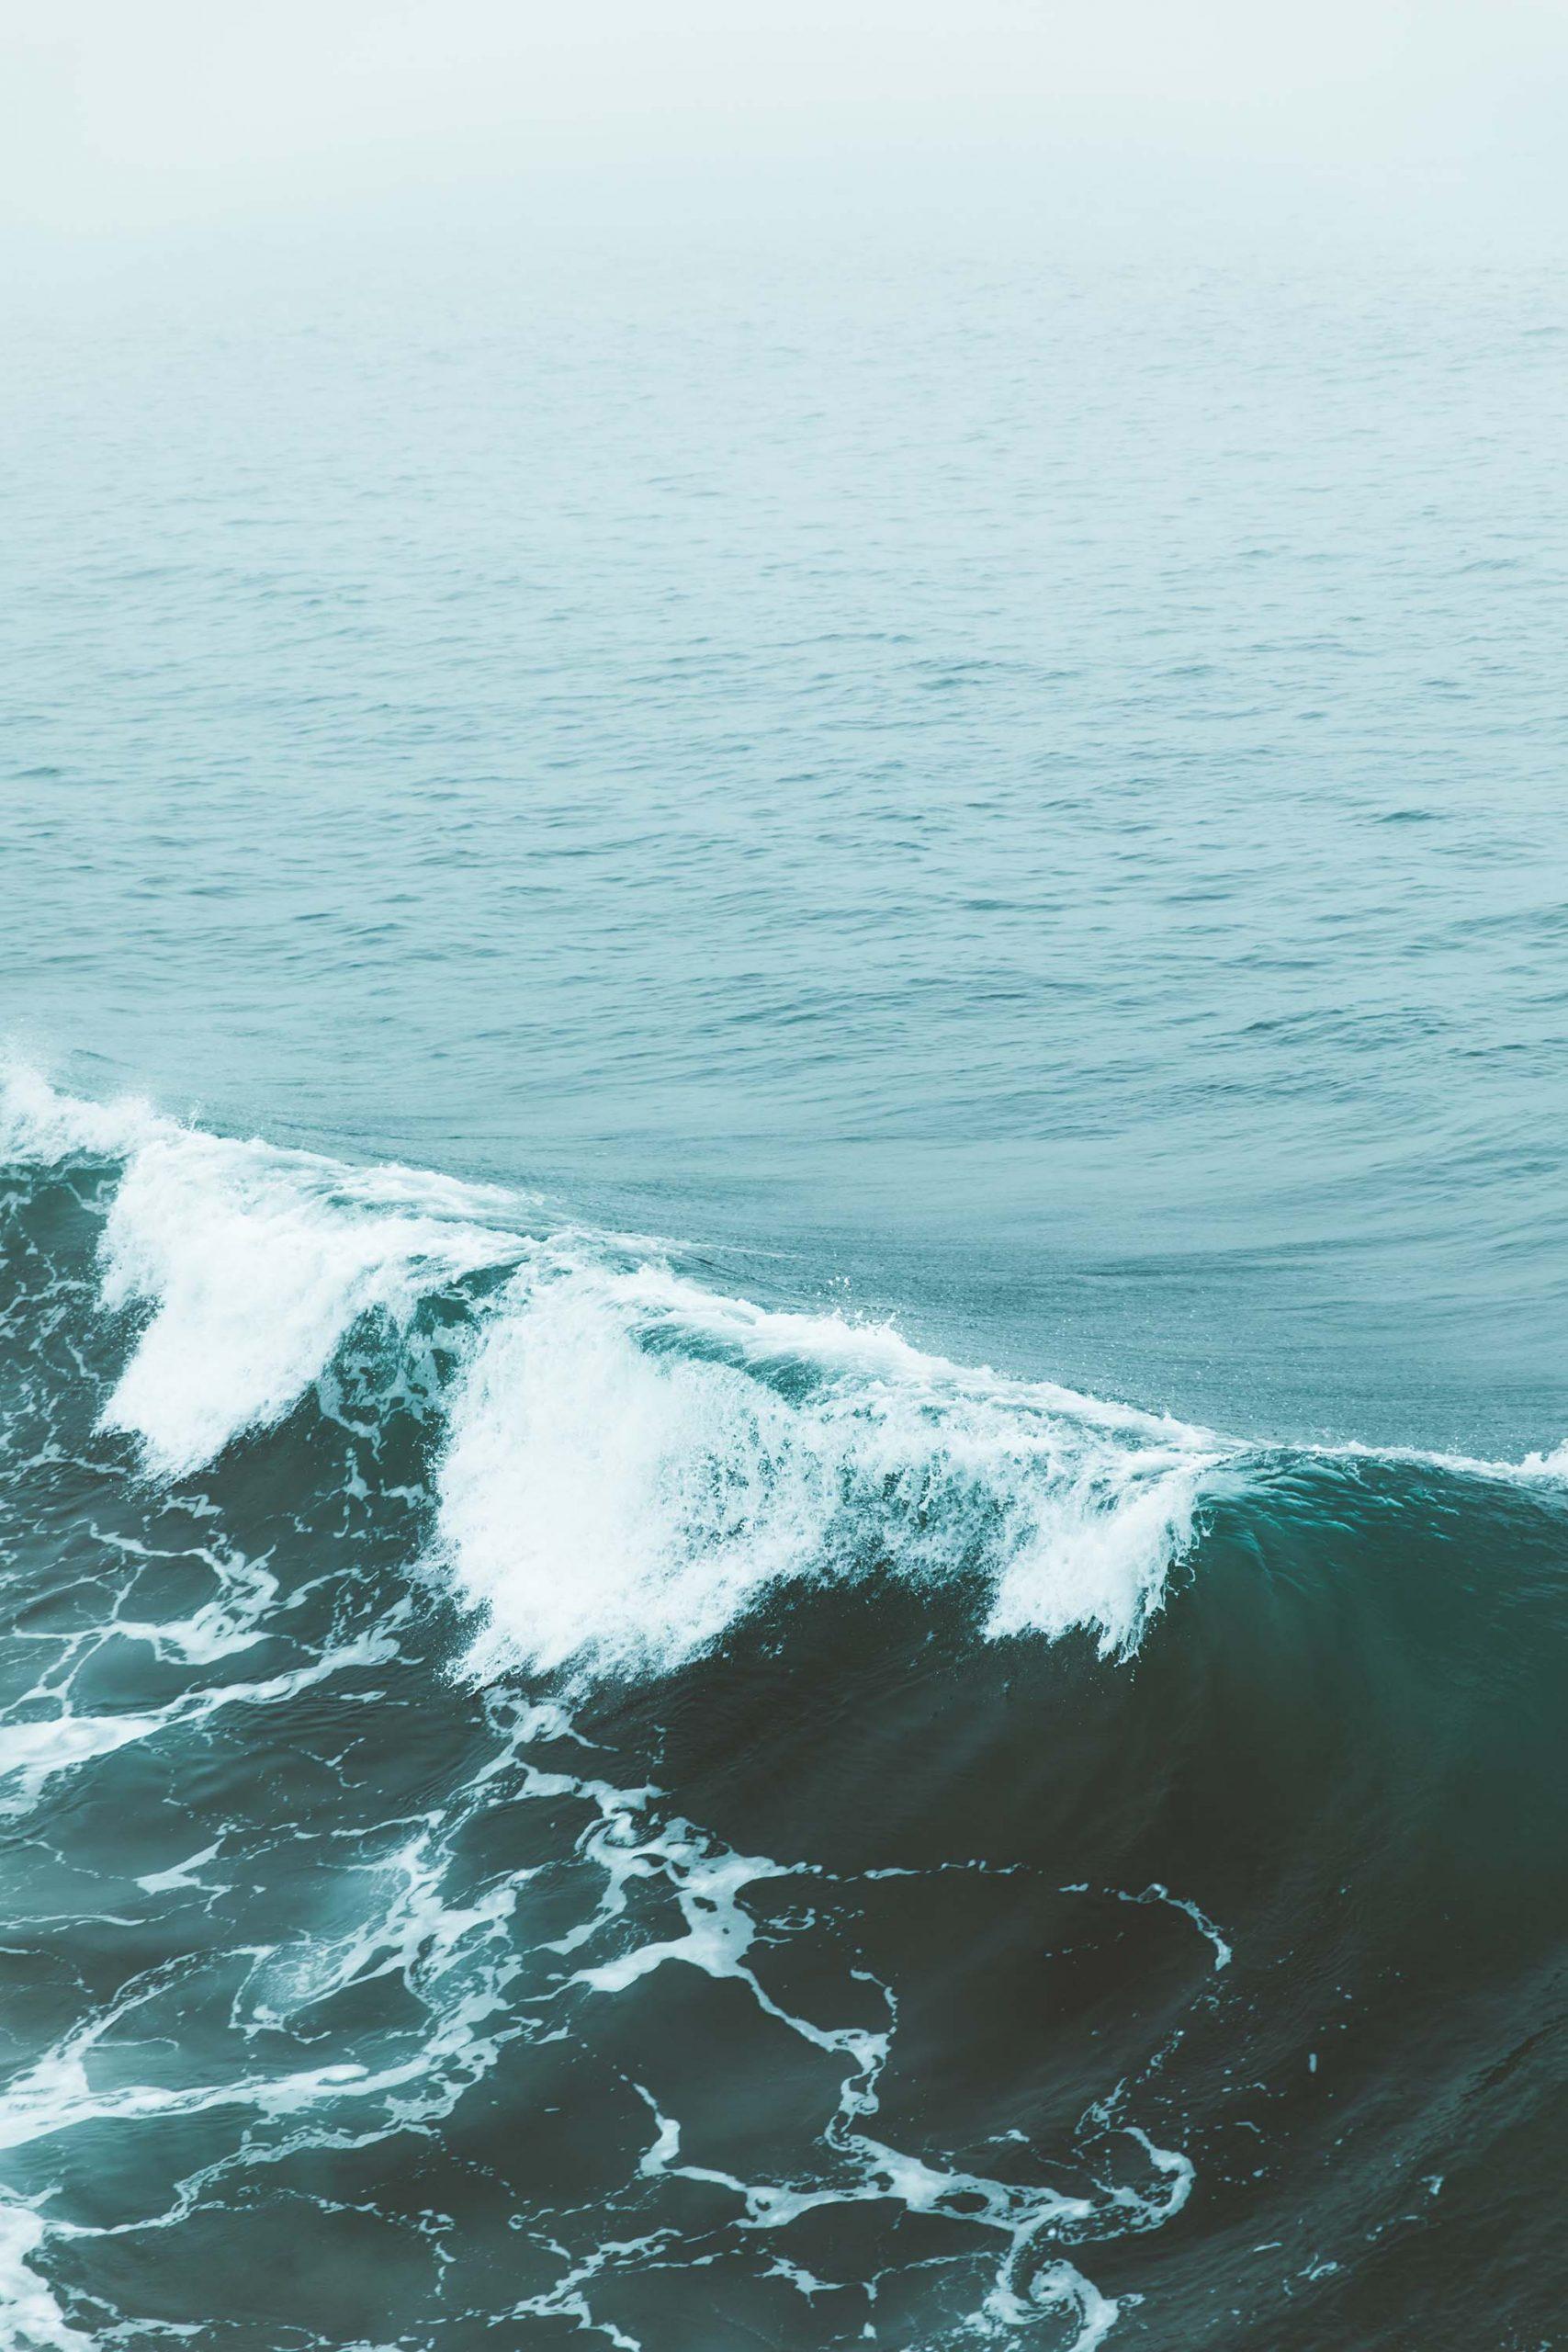 Giải mã giấc mơ, ác mộng về con sóng